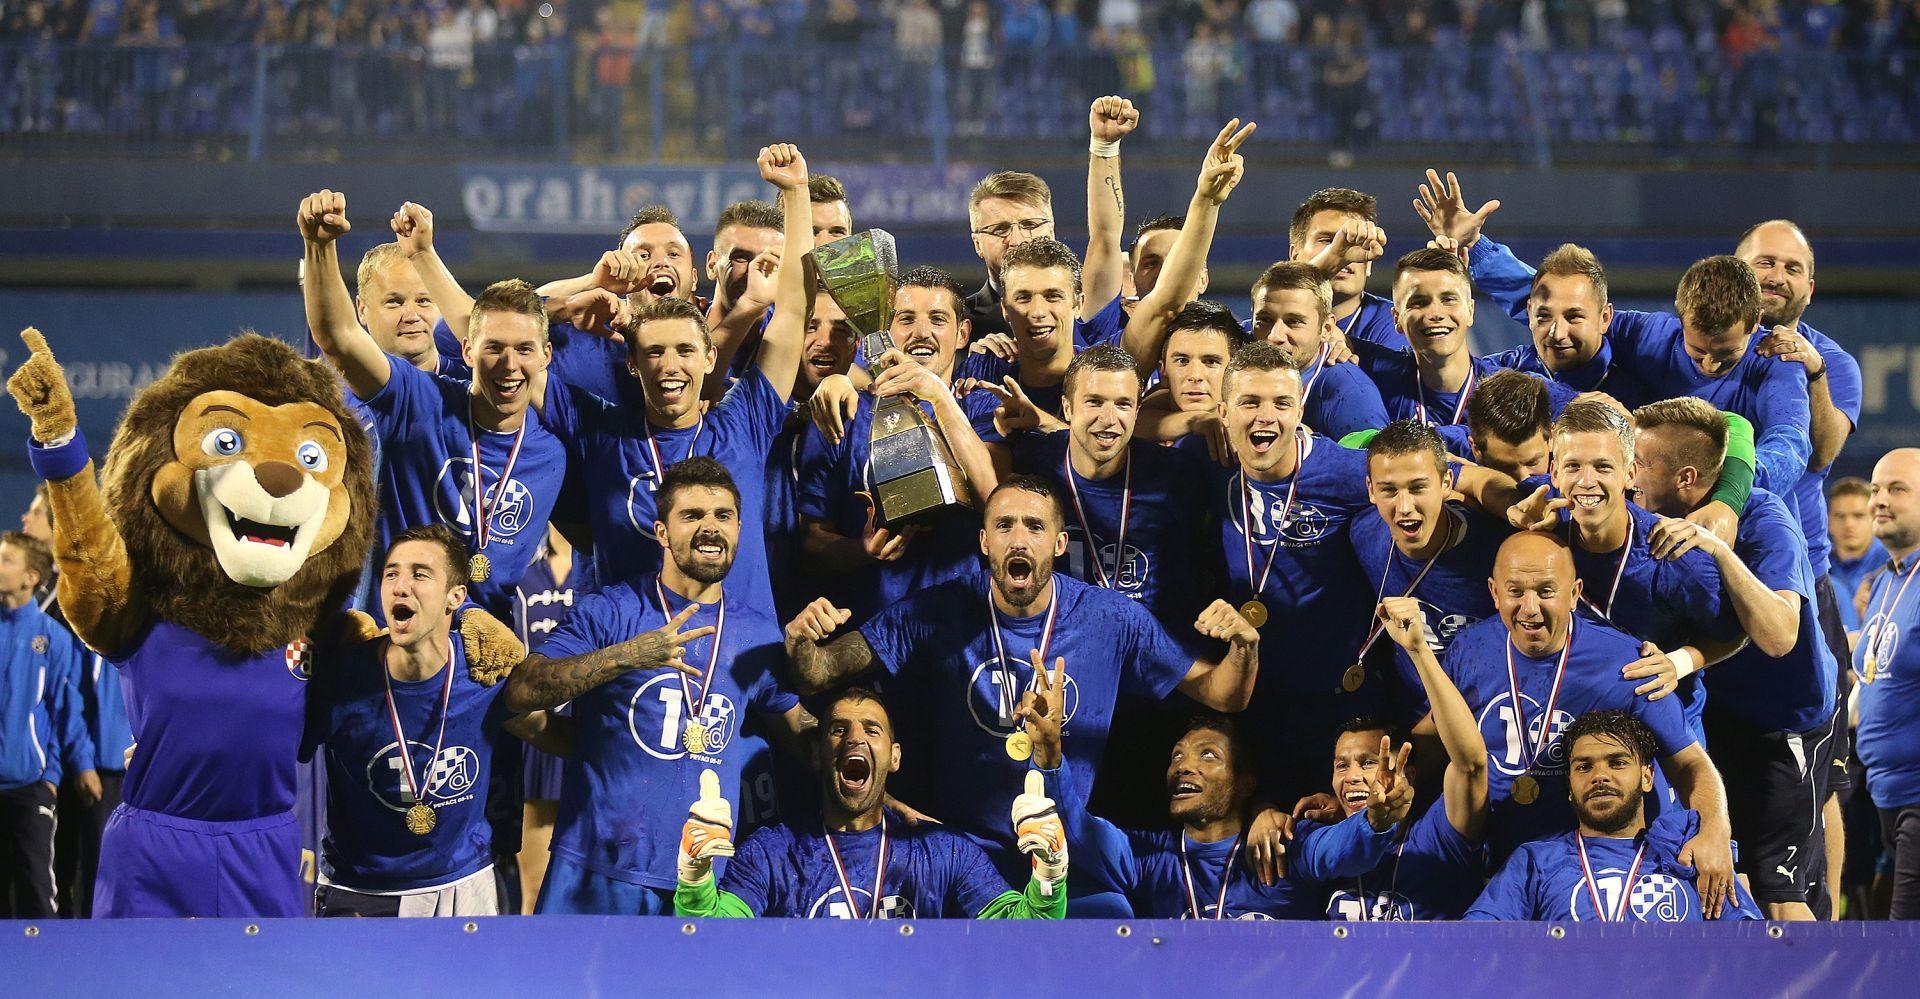 Liga prvaka: Dinamo protiv Vardara u 2. pretkolu